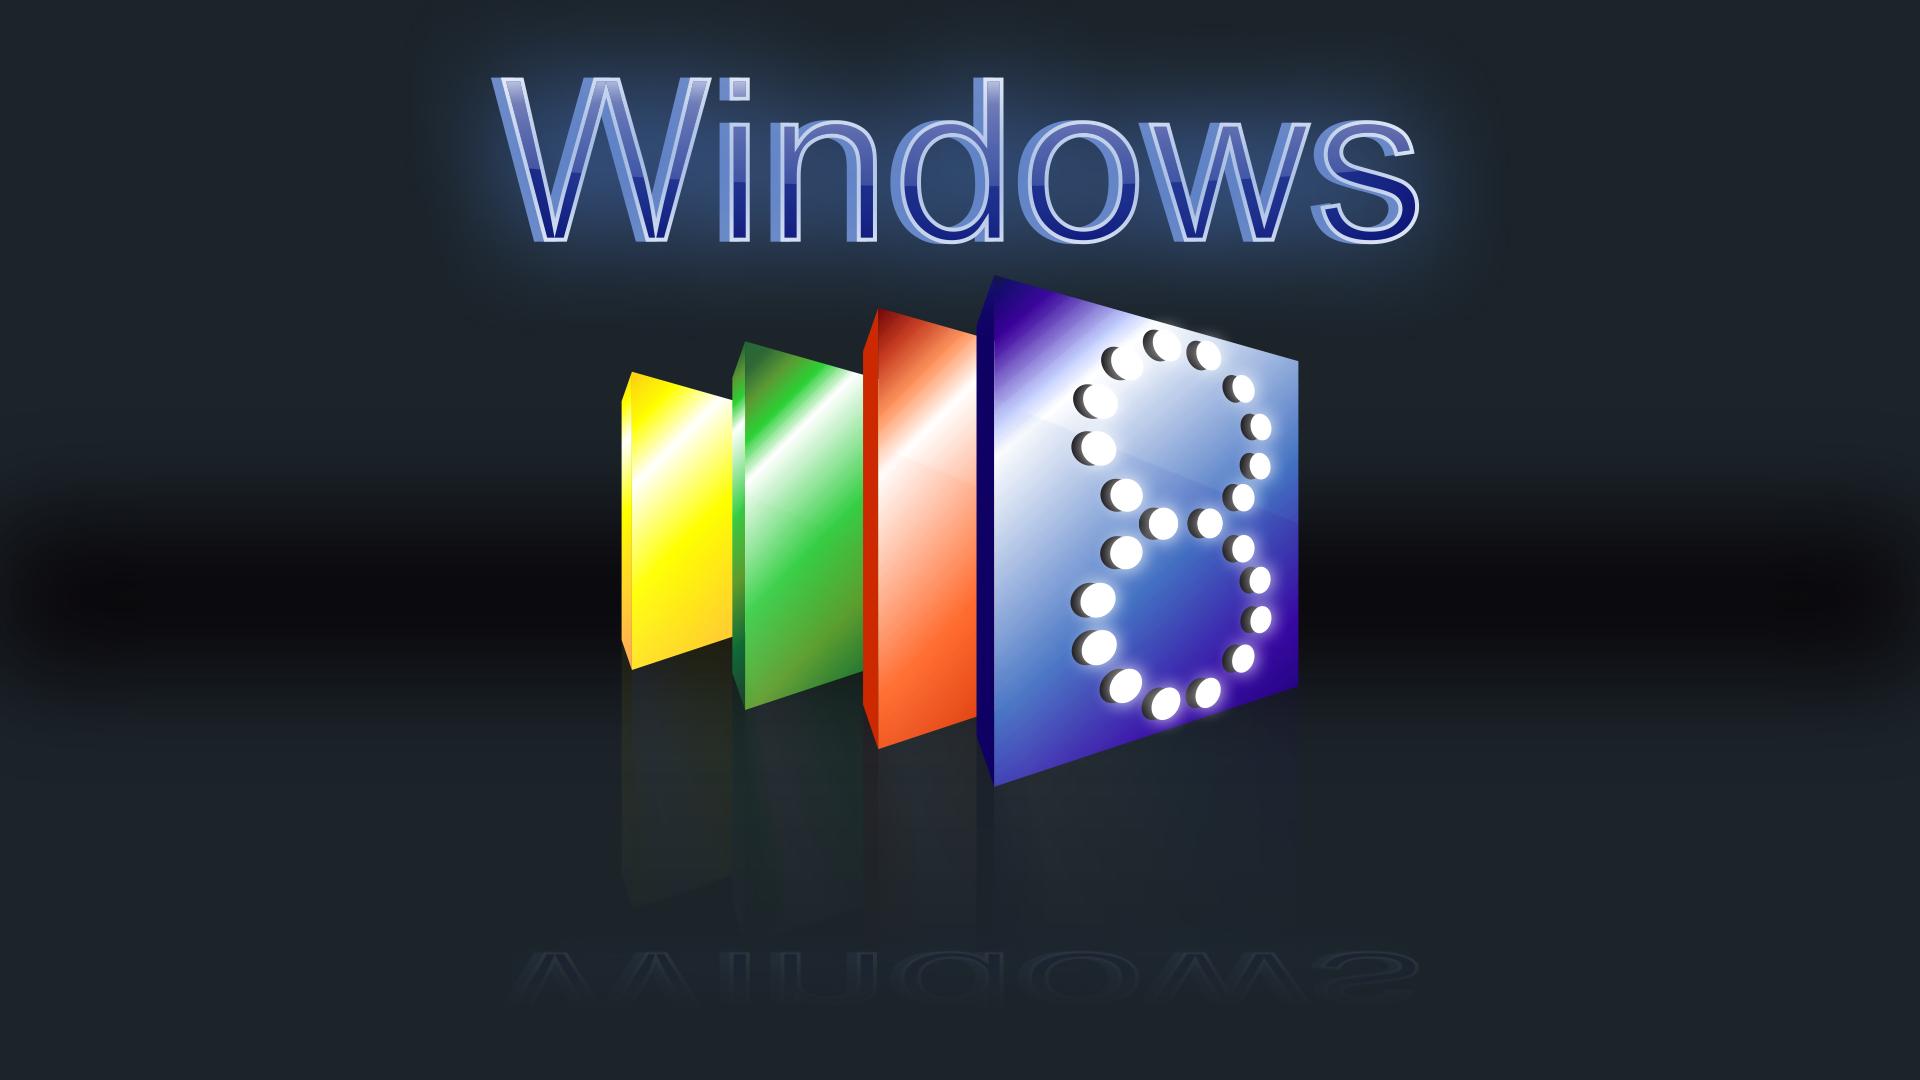 windows 8 3 d - photo #23